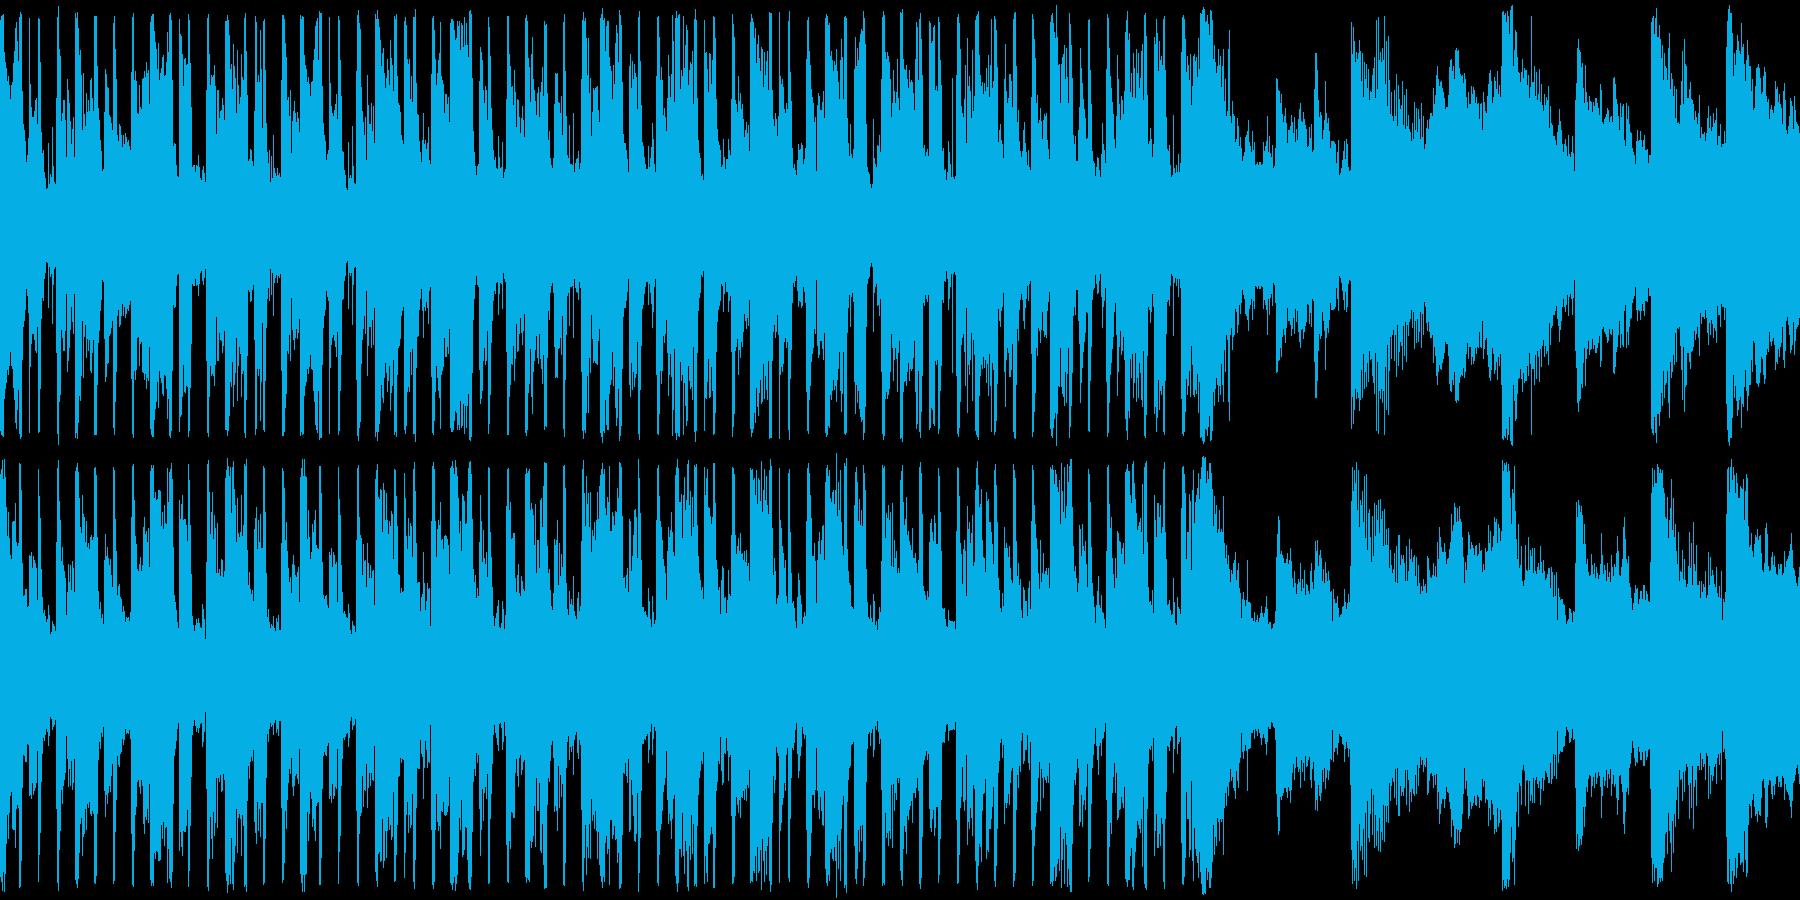 インスピレーションを与えるプロモー...の再生済みの波形